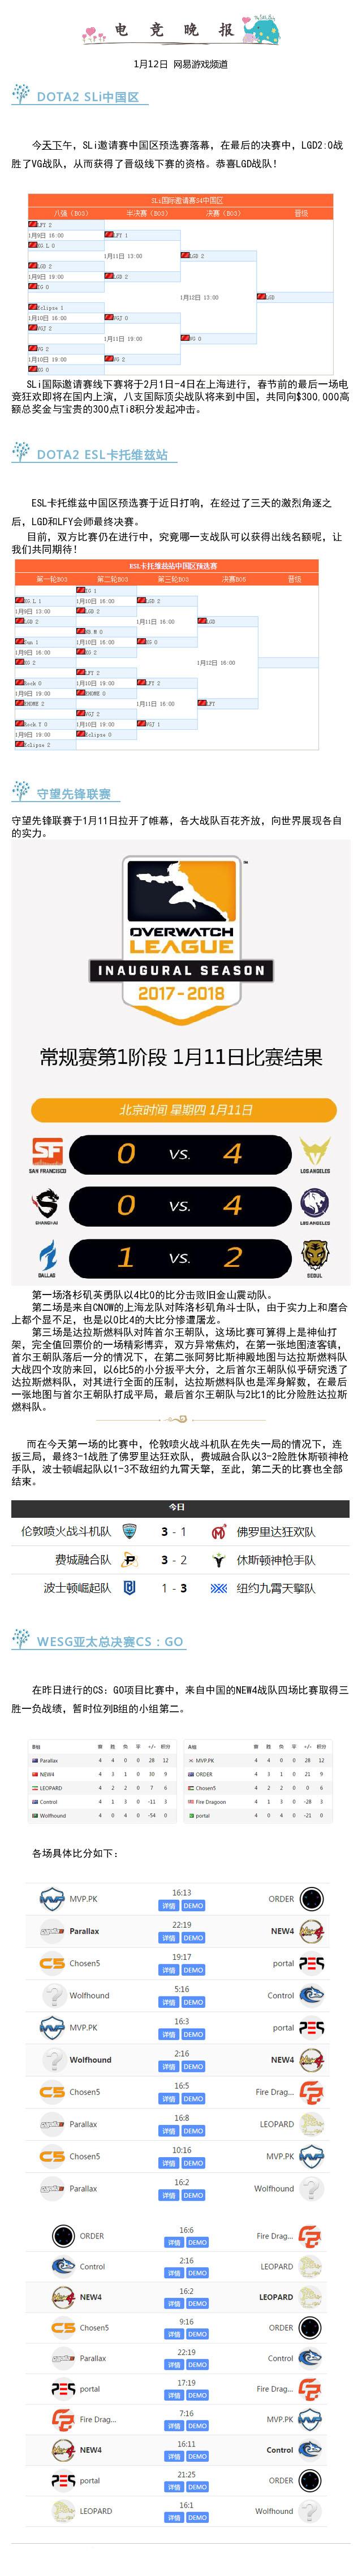 电竞晚报1月12日 SLi中国区预选落幕LGD晋级